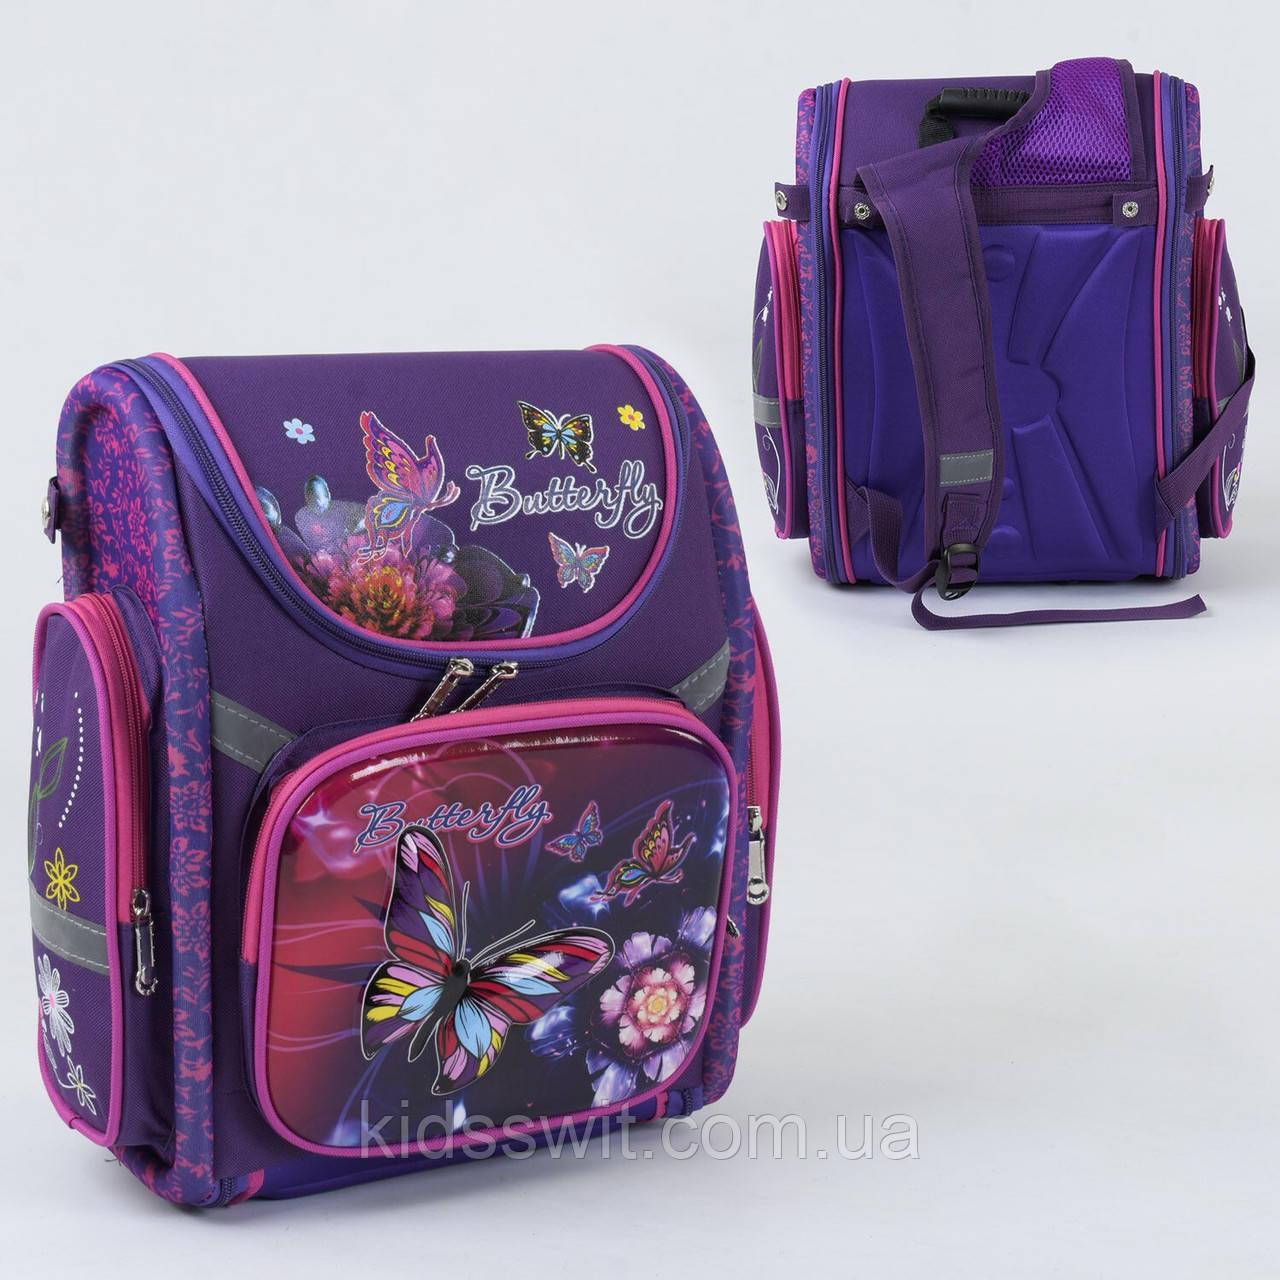 Рюкзак школьный каркасный 1 отделение, 3 кармана, спинка ортопедическая, 3D изображение С 36187